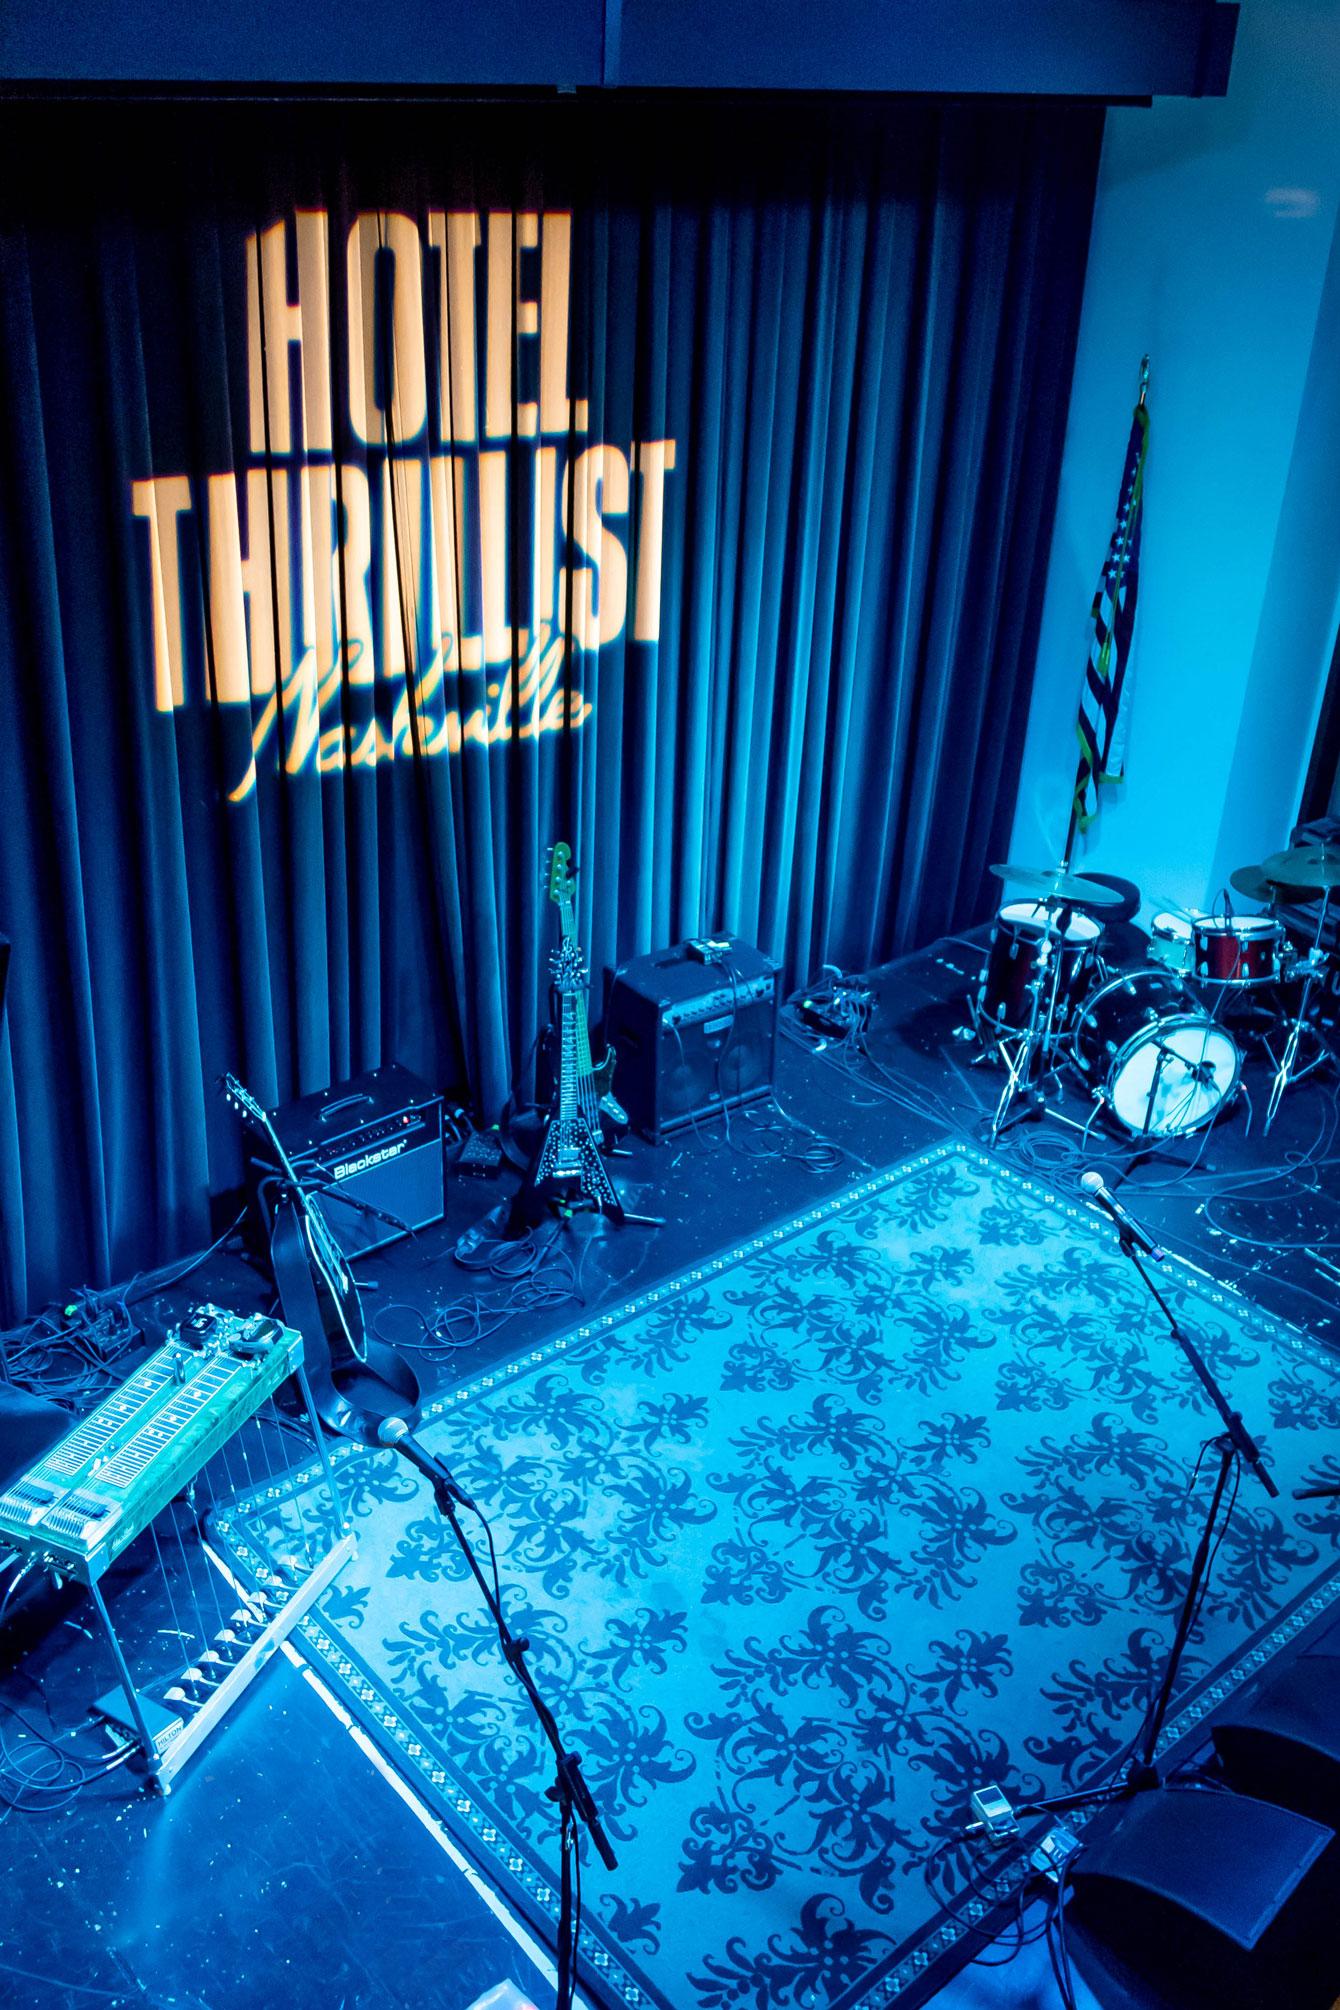 Hotel Thrillist Mansion Party